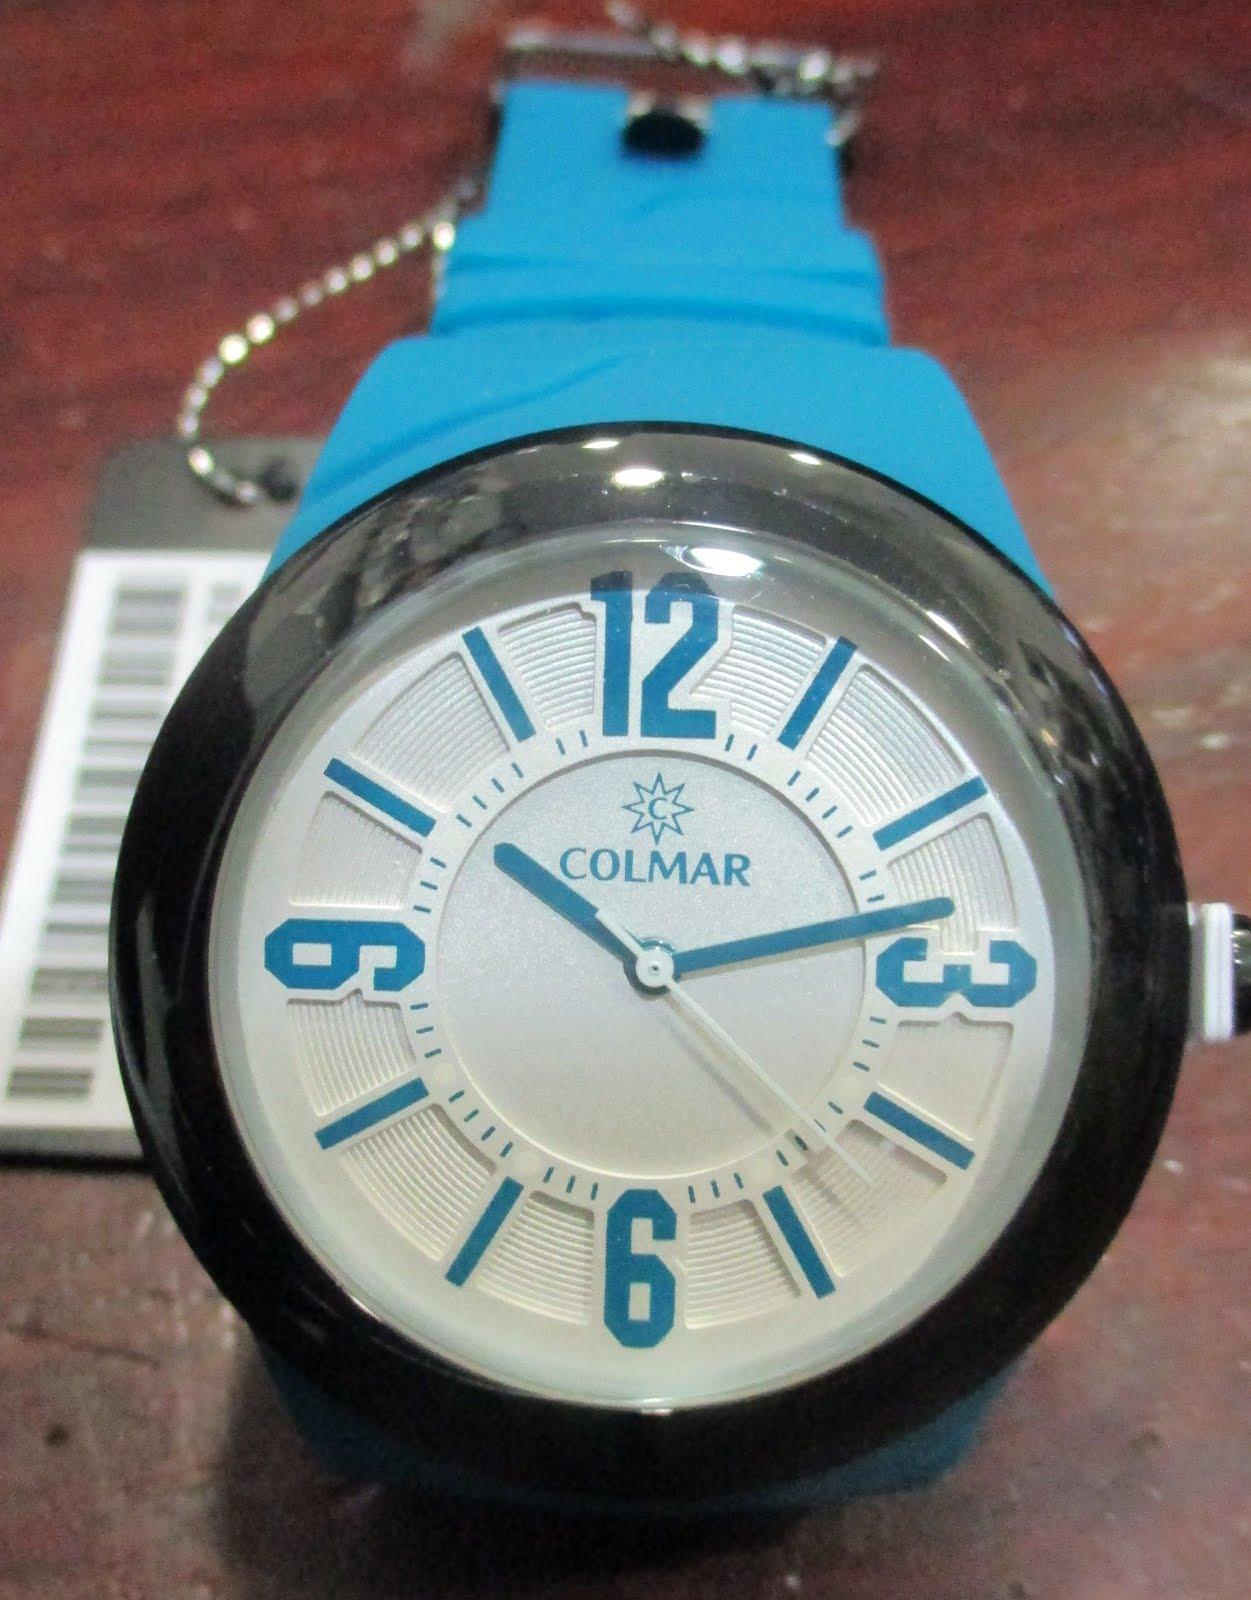 Reloj Colmar con correa resina azul